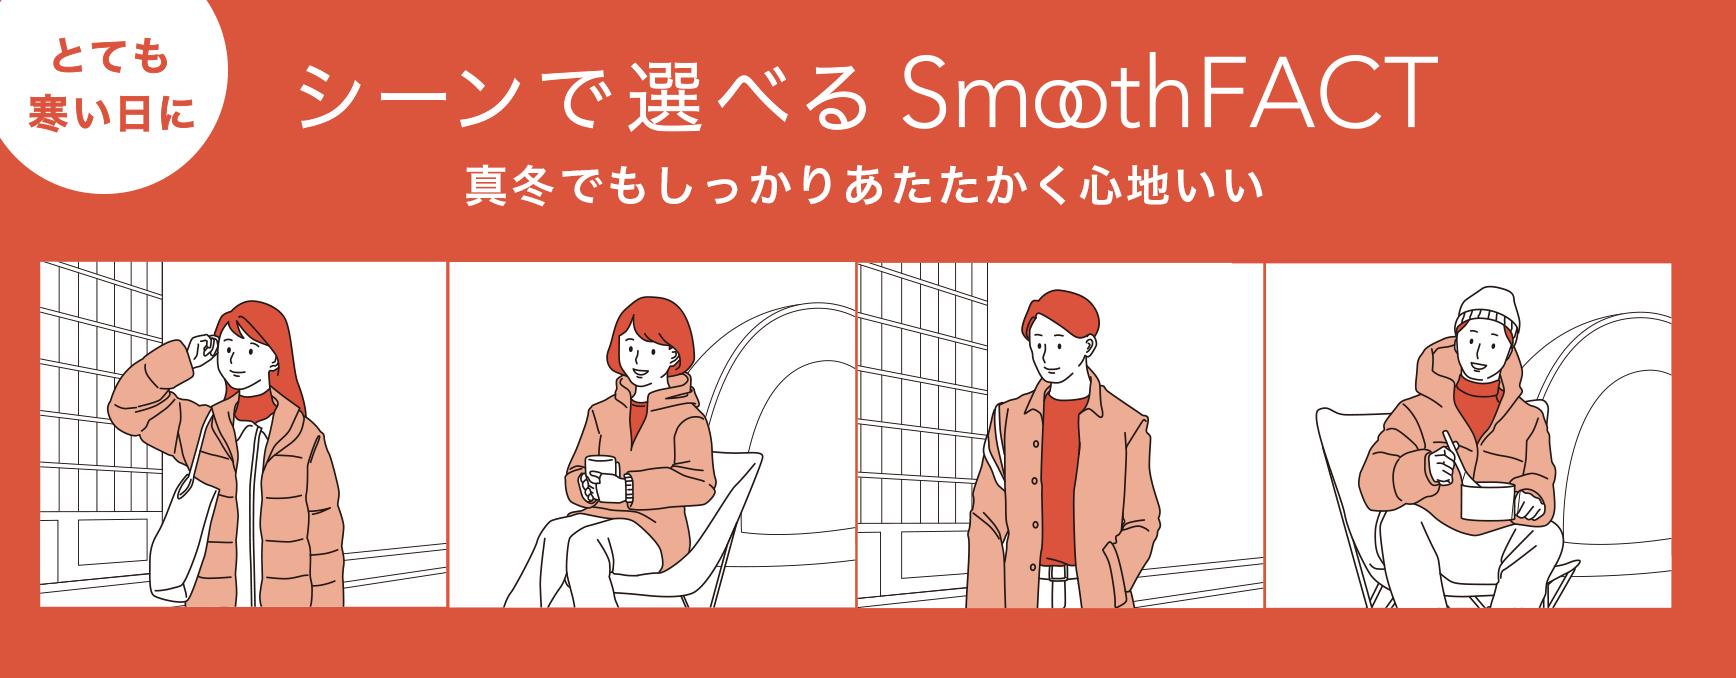 とても寒い日に シーンで選べるSmooth FACT 真冬でもしっかりあたたく心地いい ピースフィット